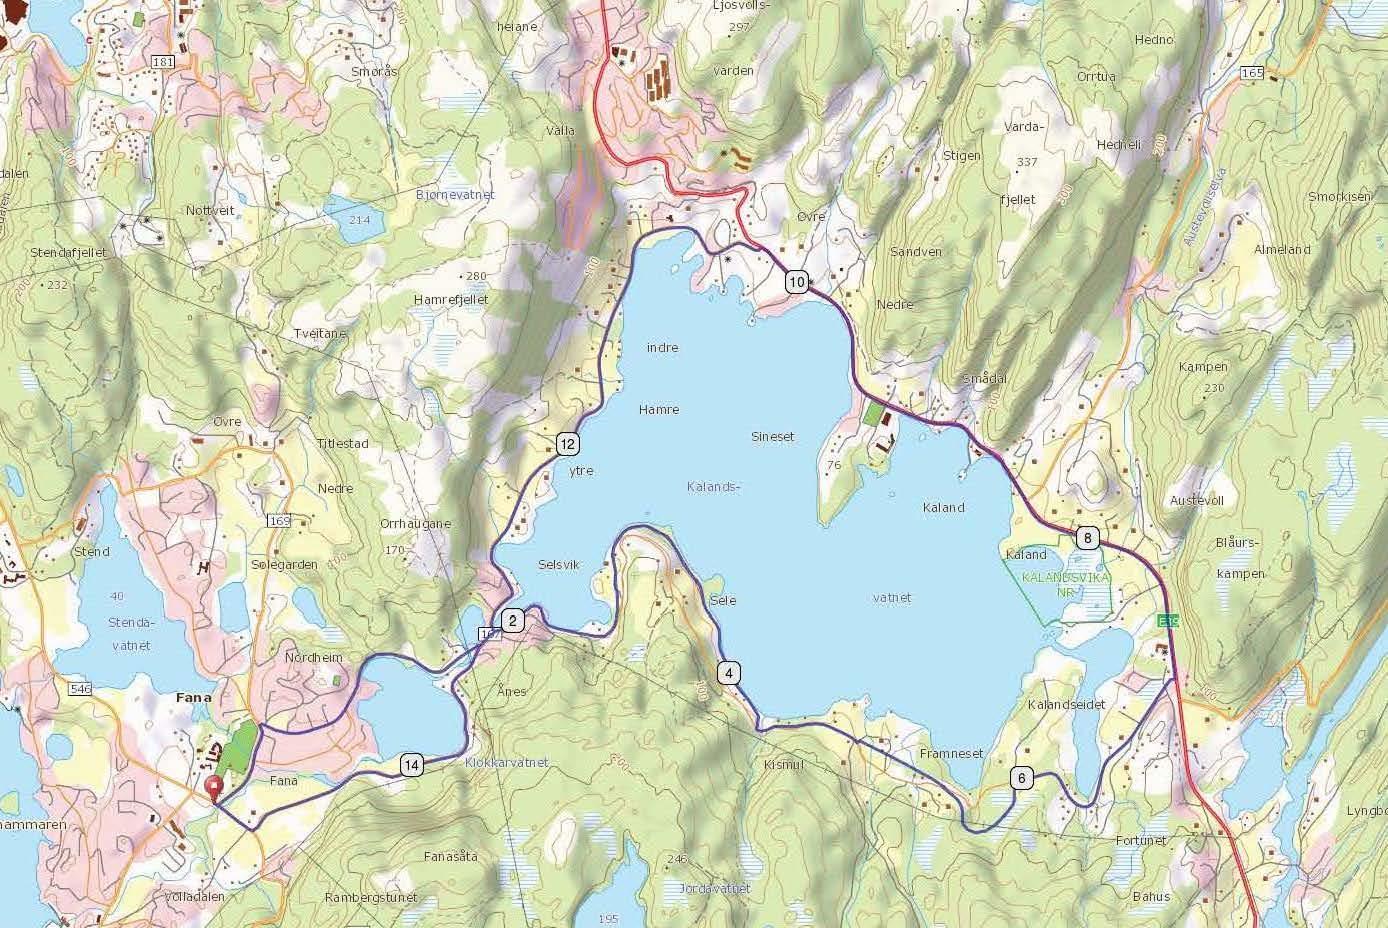 kart bergen og omegn Kalandsvatnet, Bergen   Bynære sykkelturer kart bergen og omegn